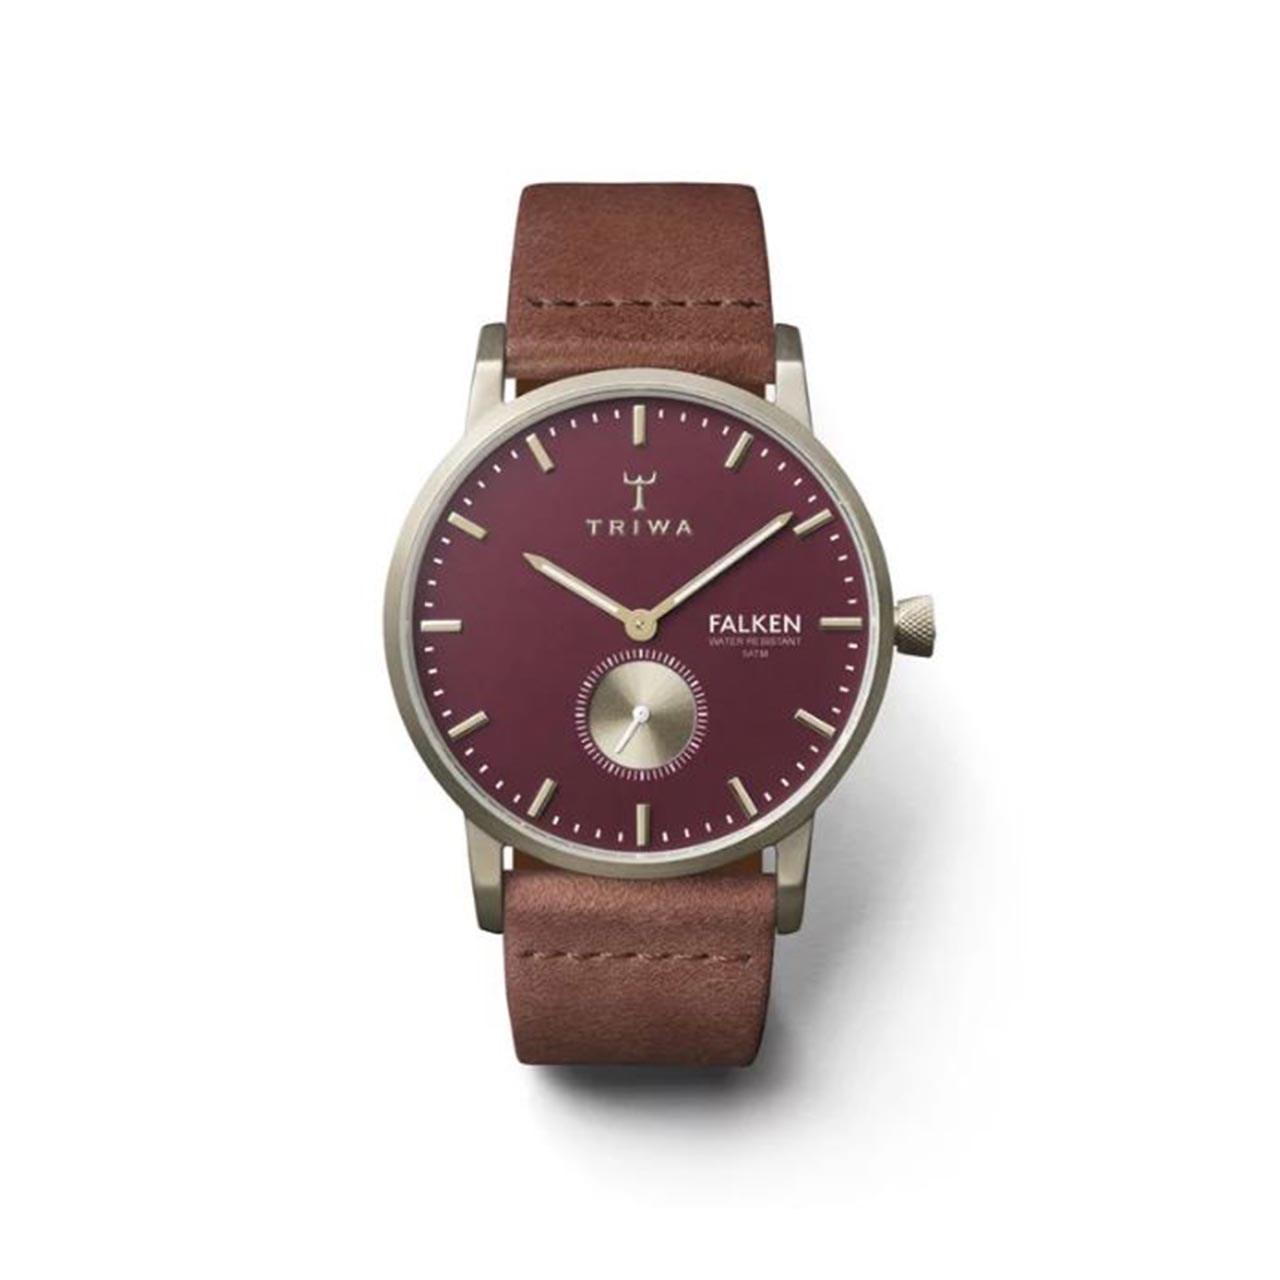 عکس ساعت عقربه ای تریوا مدل روبی فالکن